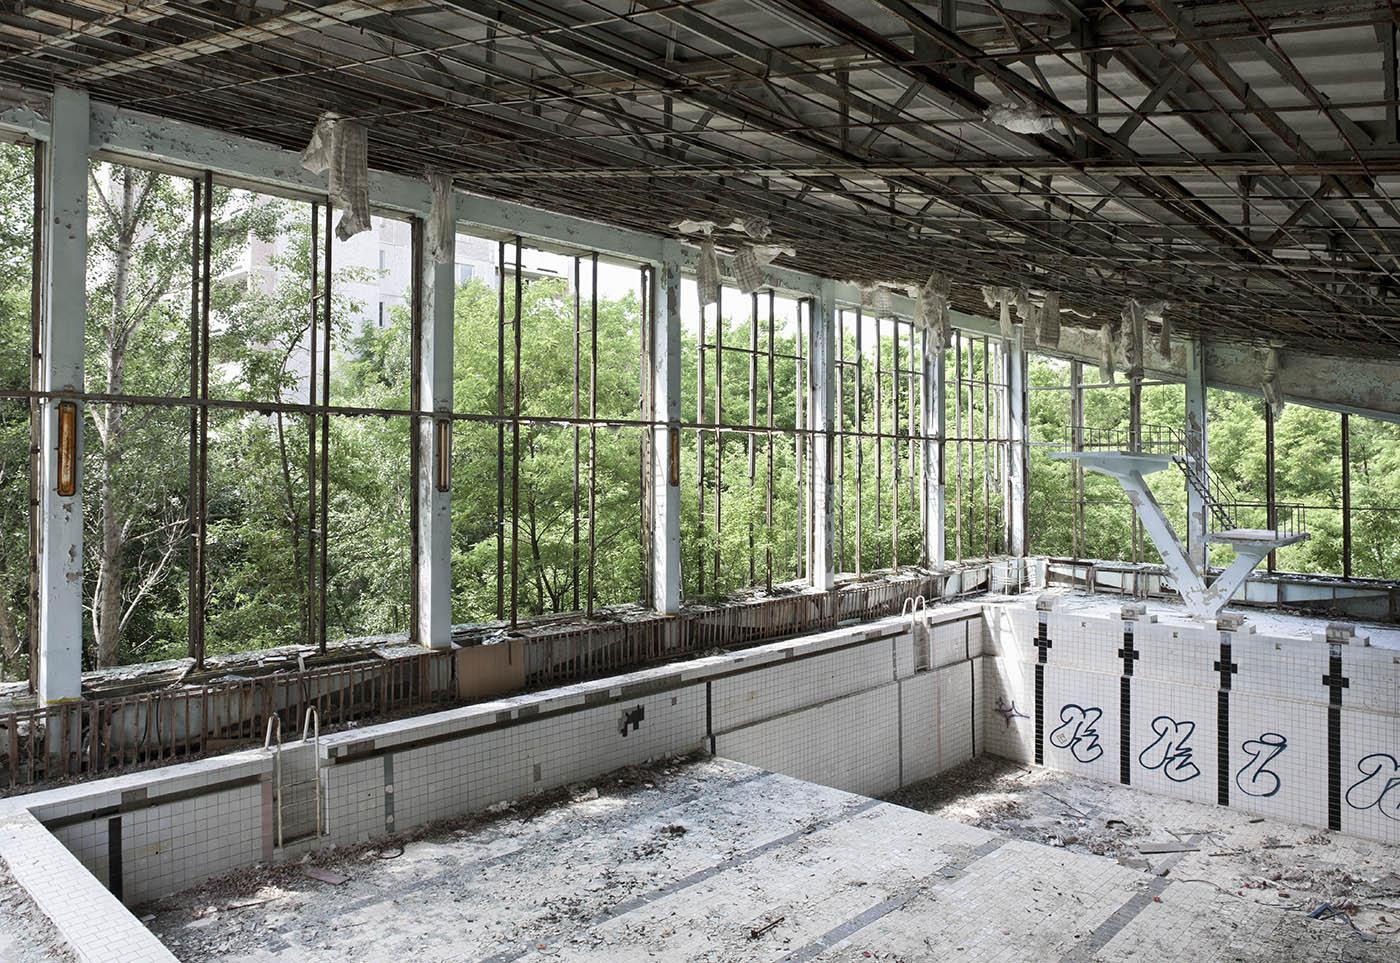 Chernobyl-5-AdamParker